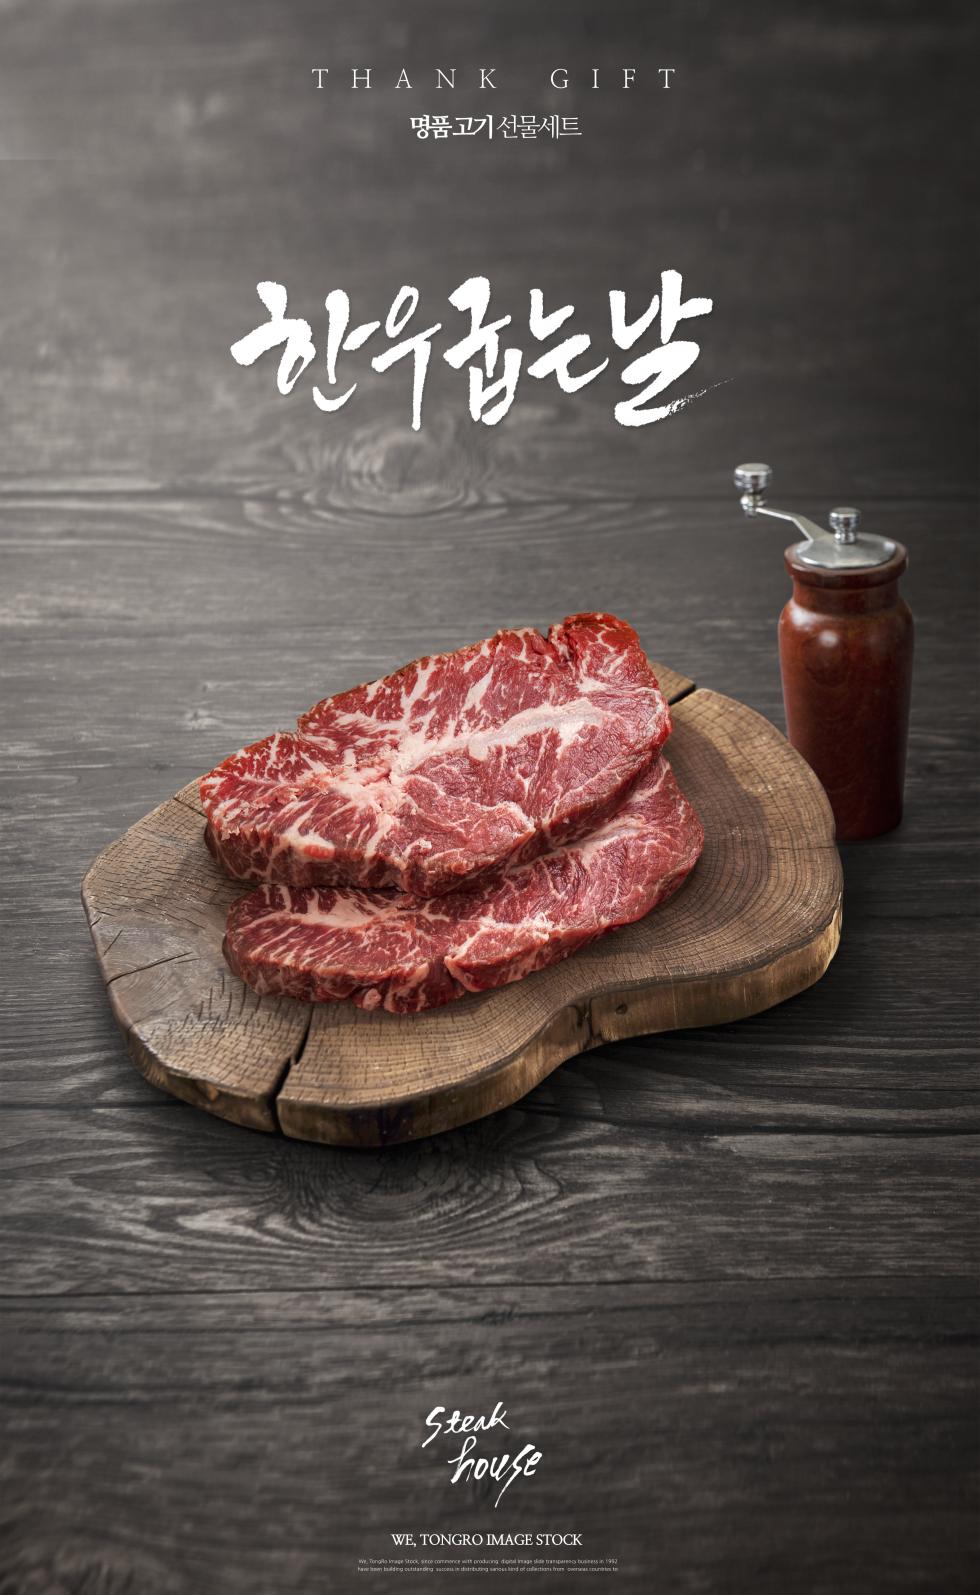 简约风格烤肉美食海报模板